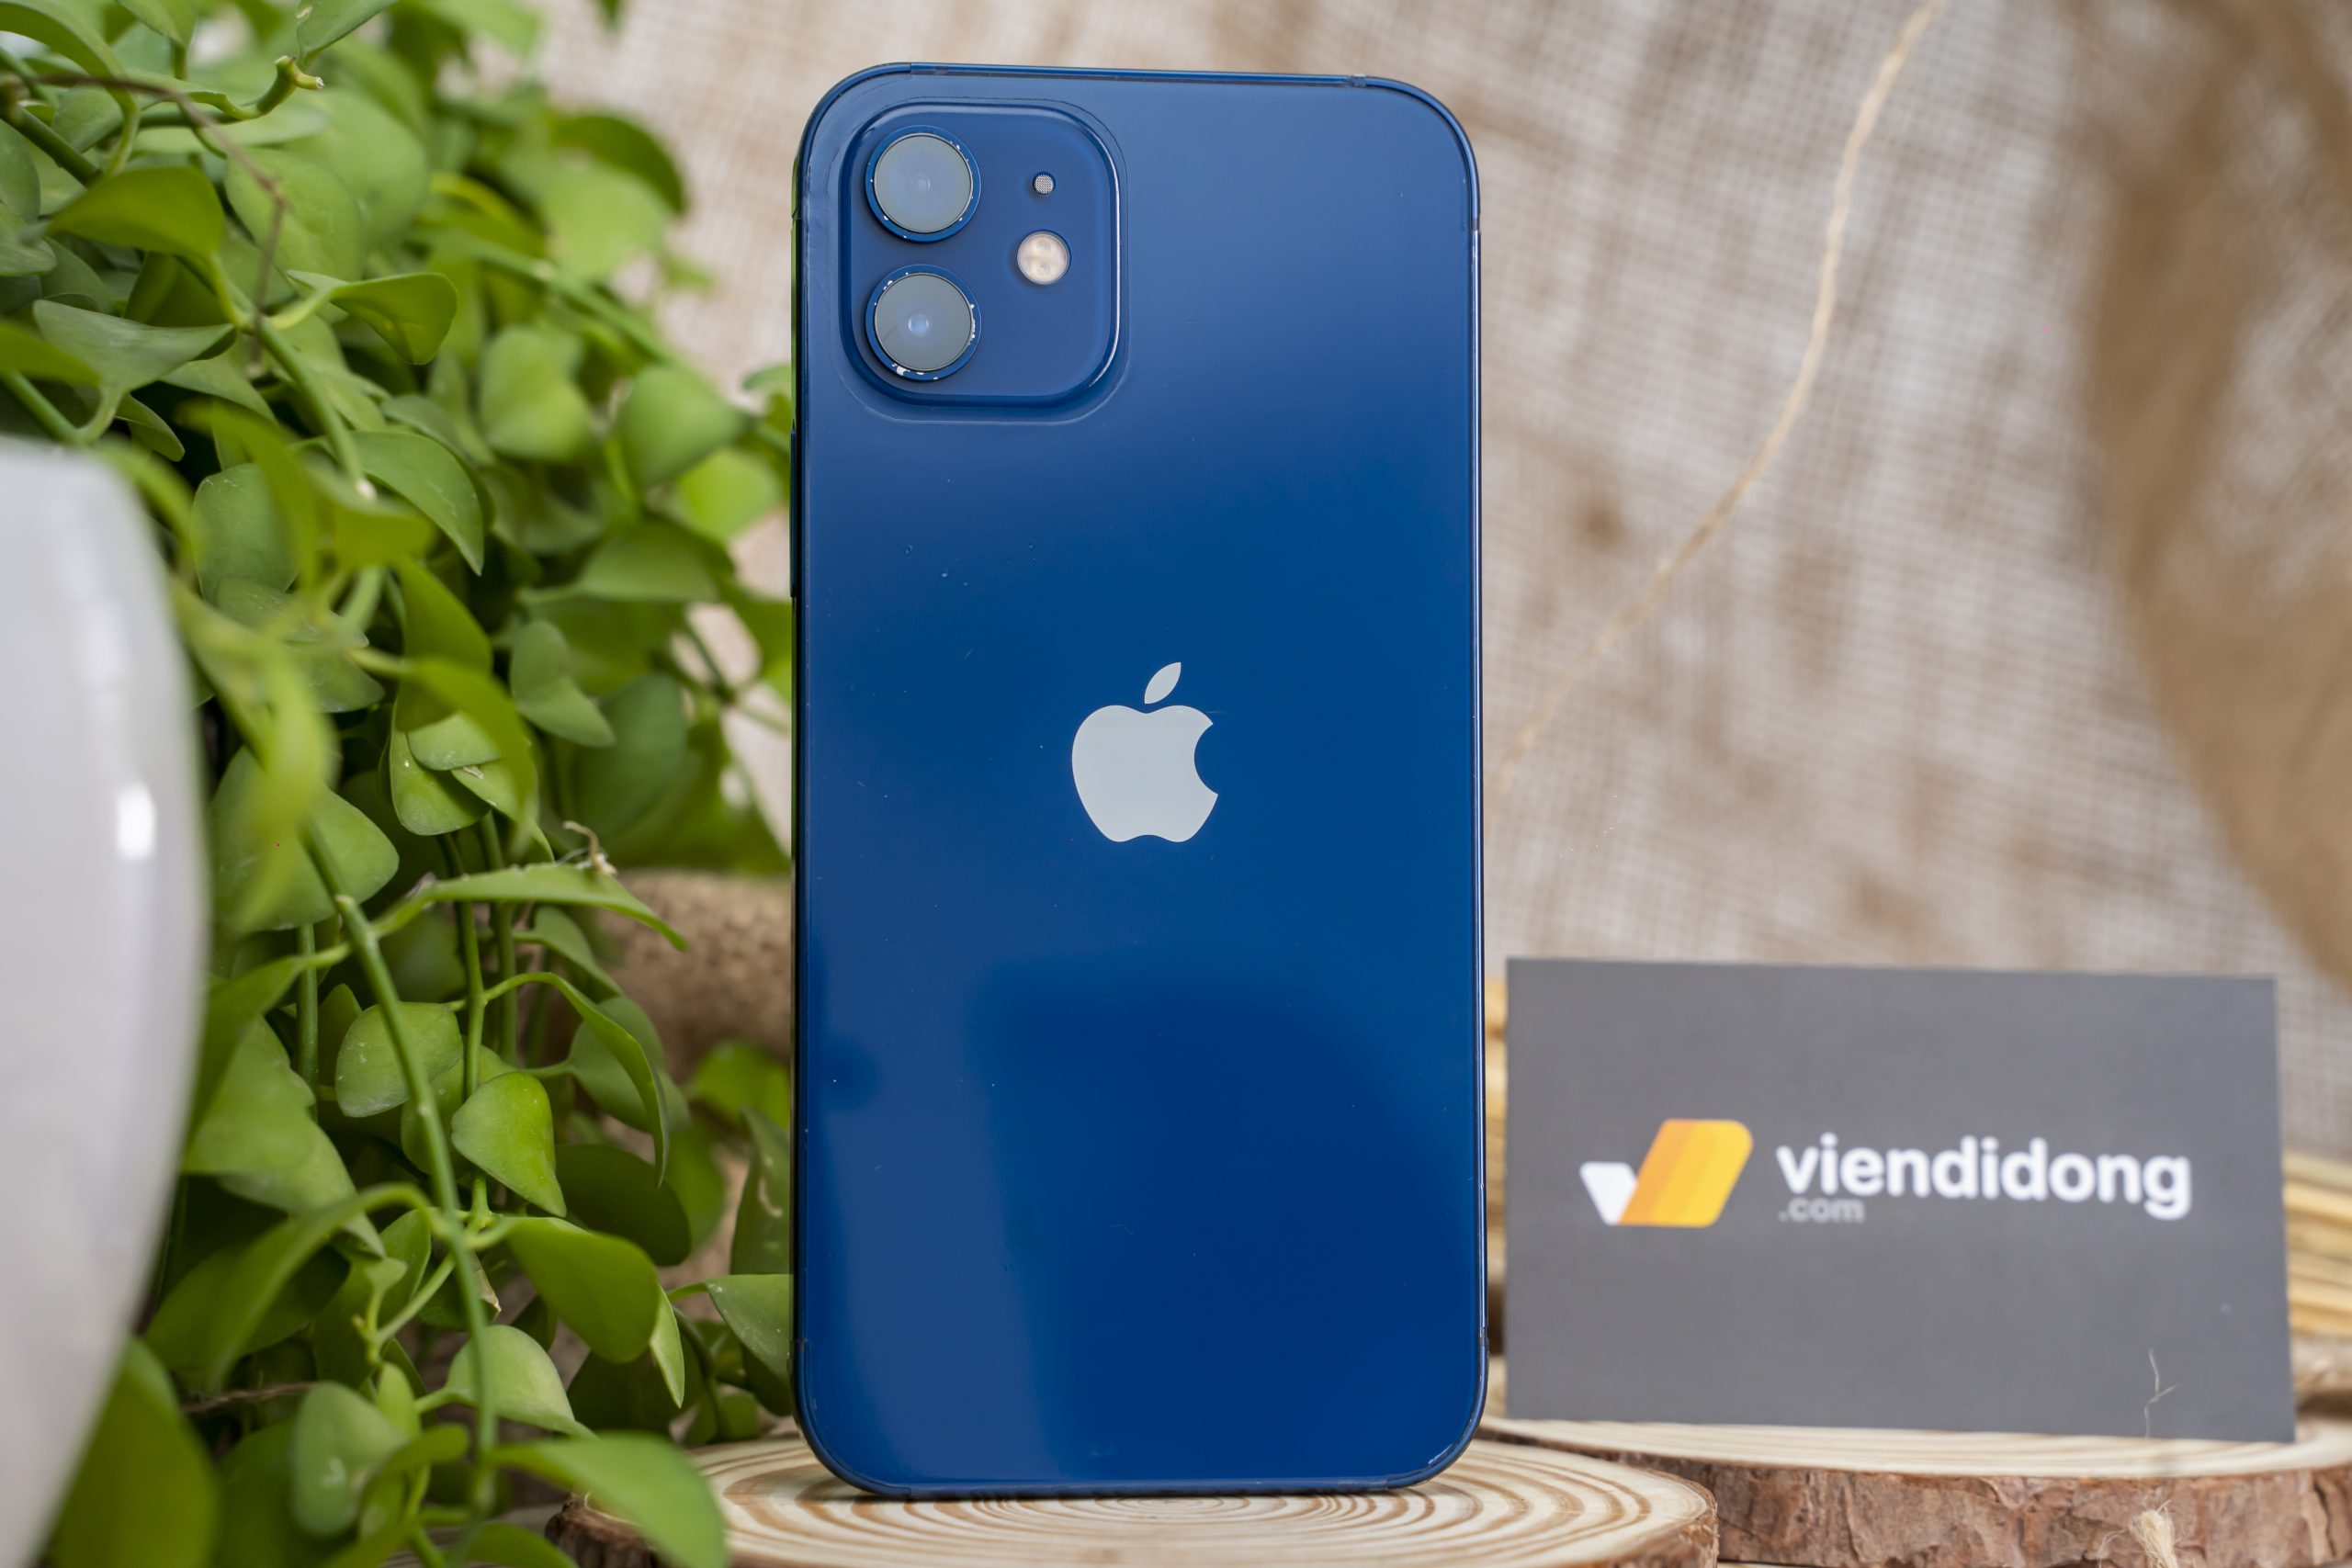 iPhone 12 sẽ được trang bị cụm camera kép phía sau gồm 1 camera góc rộng và 1 camera góc siêu rộng.